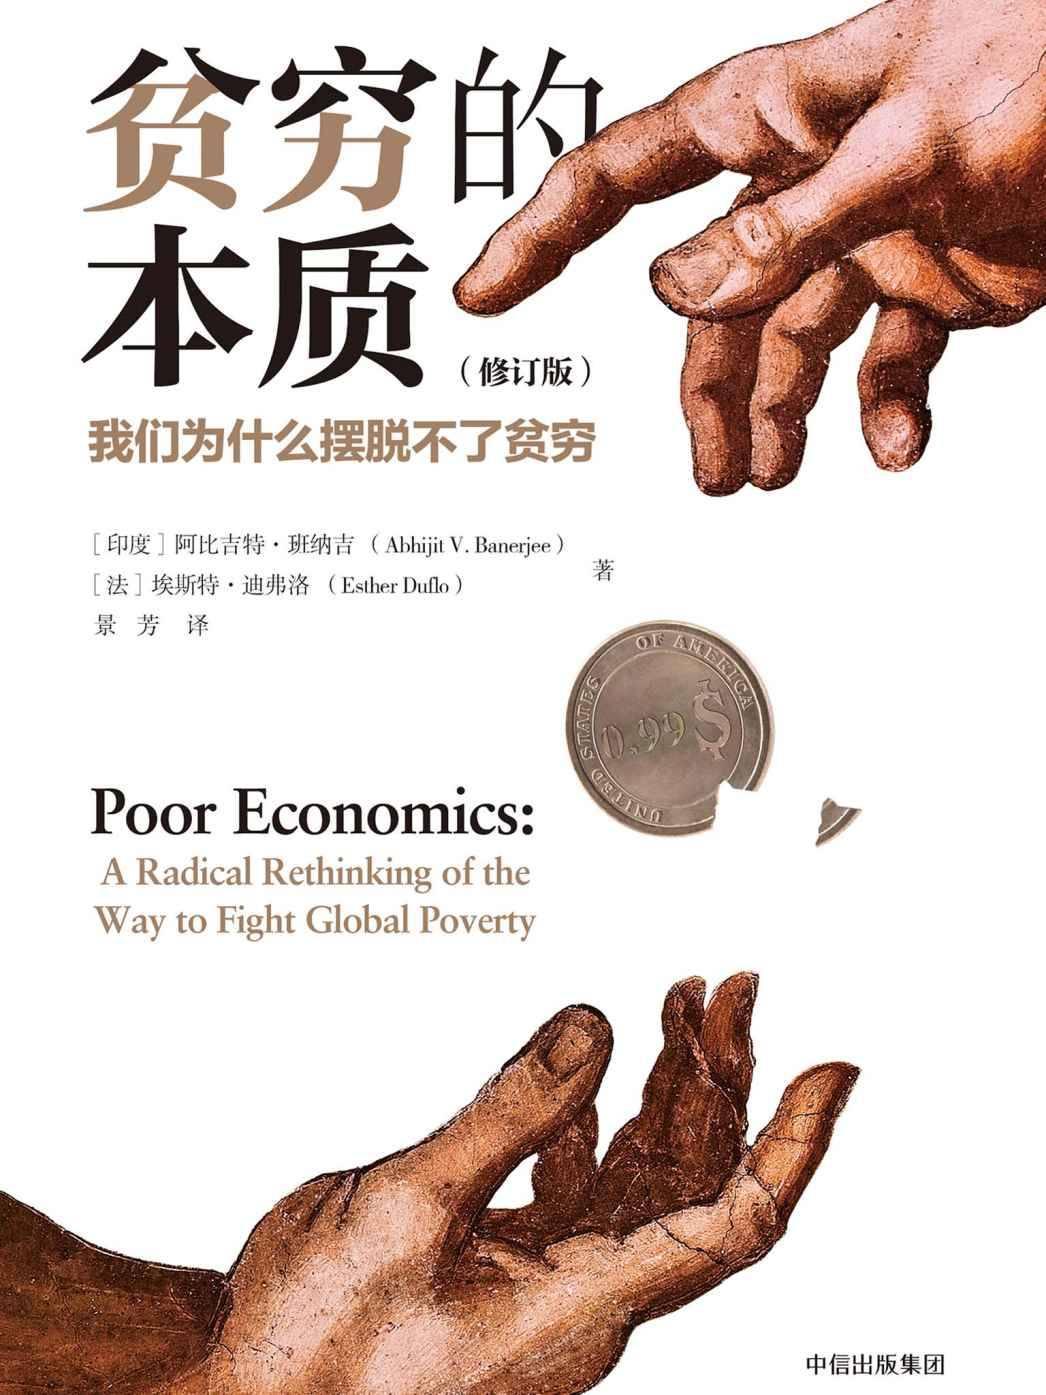 贫穷的本质:我们为什么摆脱不了贫穷